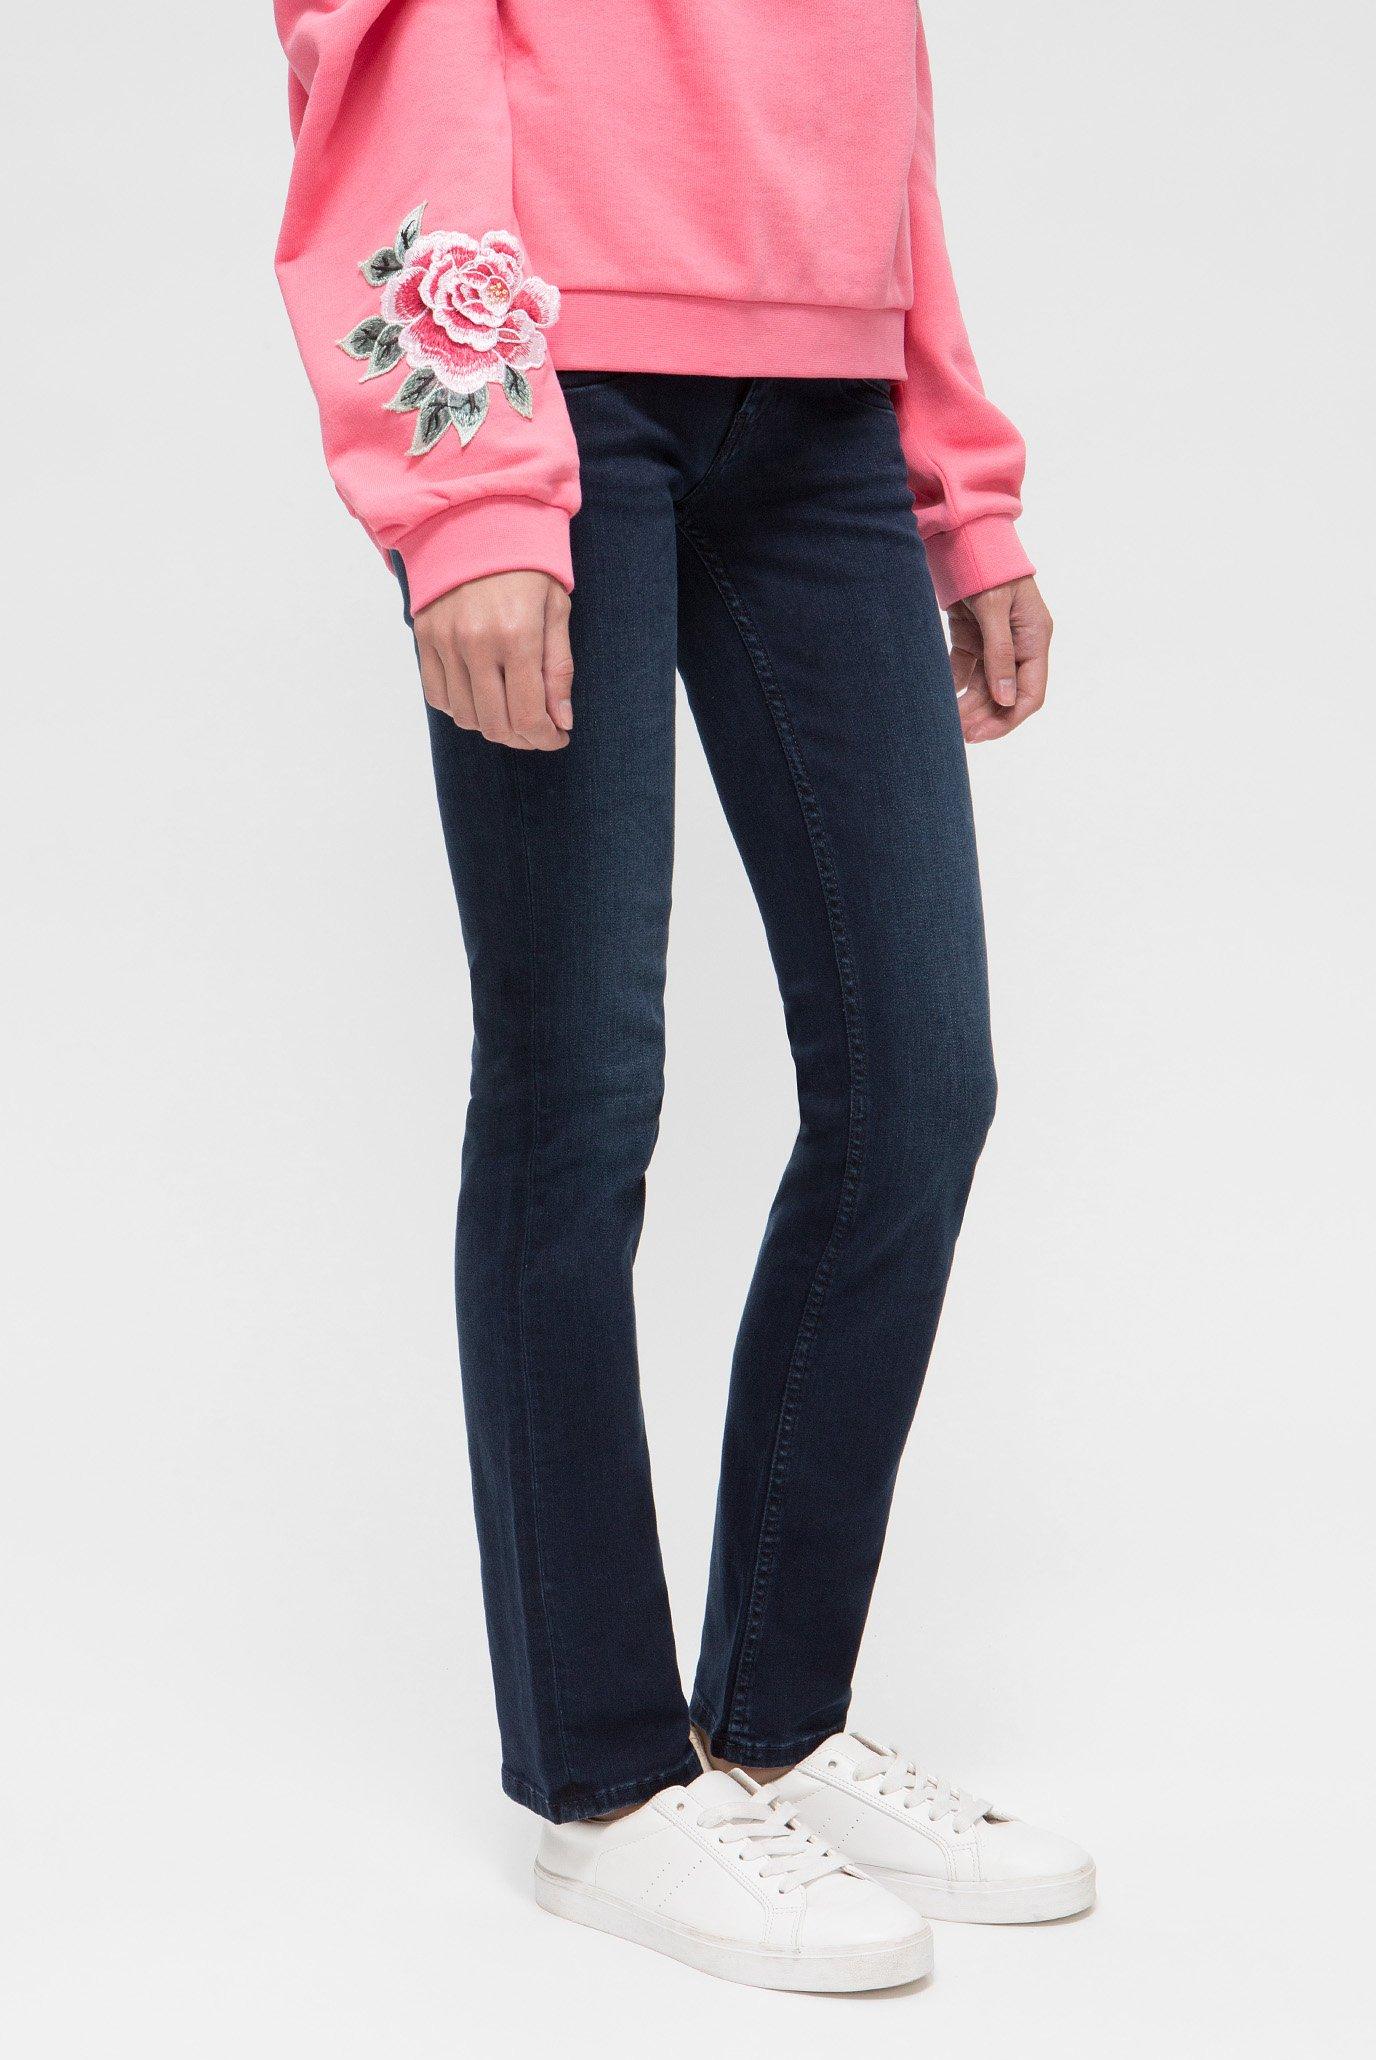 Купить Женские темно-синие джинсы GEN Pepe Jeans Pepe Jeans PL201157CG90 – Киев, Украина. Цены в интернет магазине MD Fashion